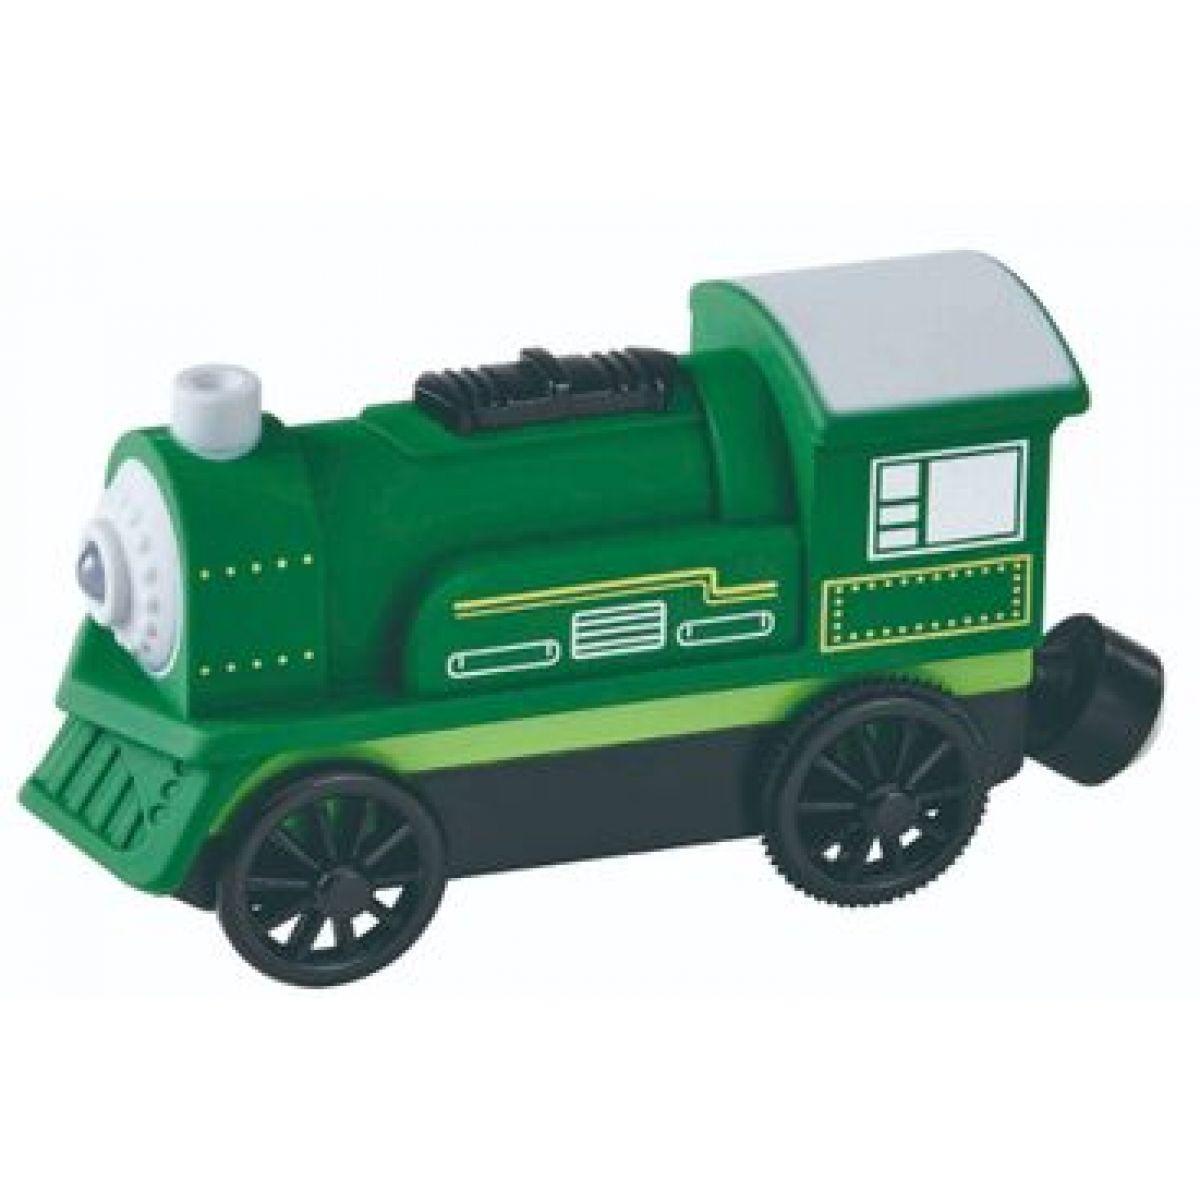 Maxim Elektrická lokomotiva zelená s černými koly